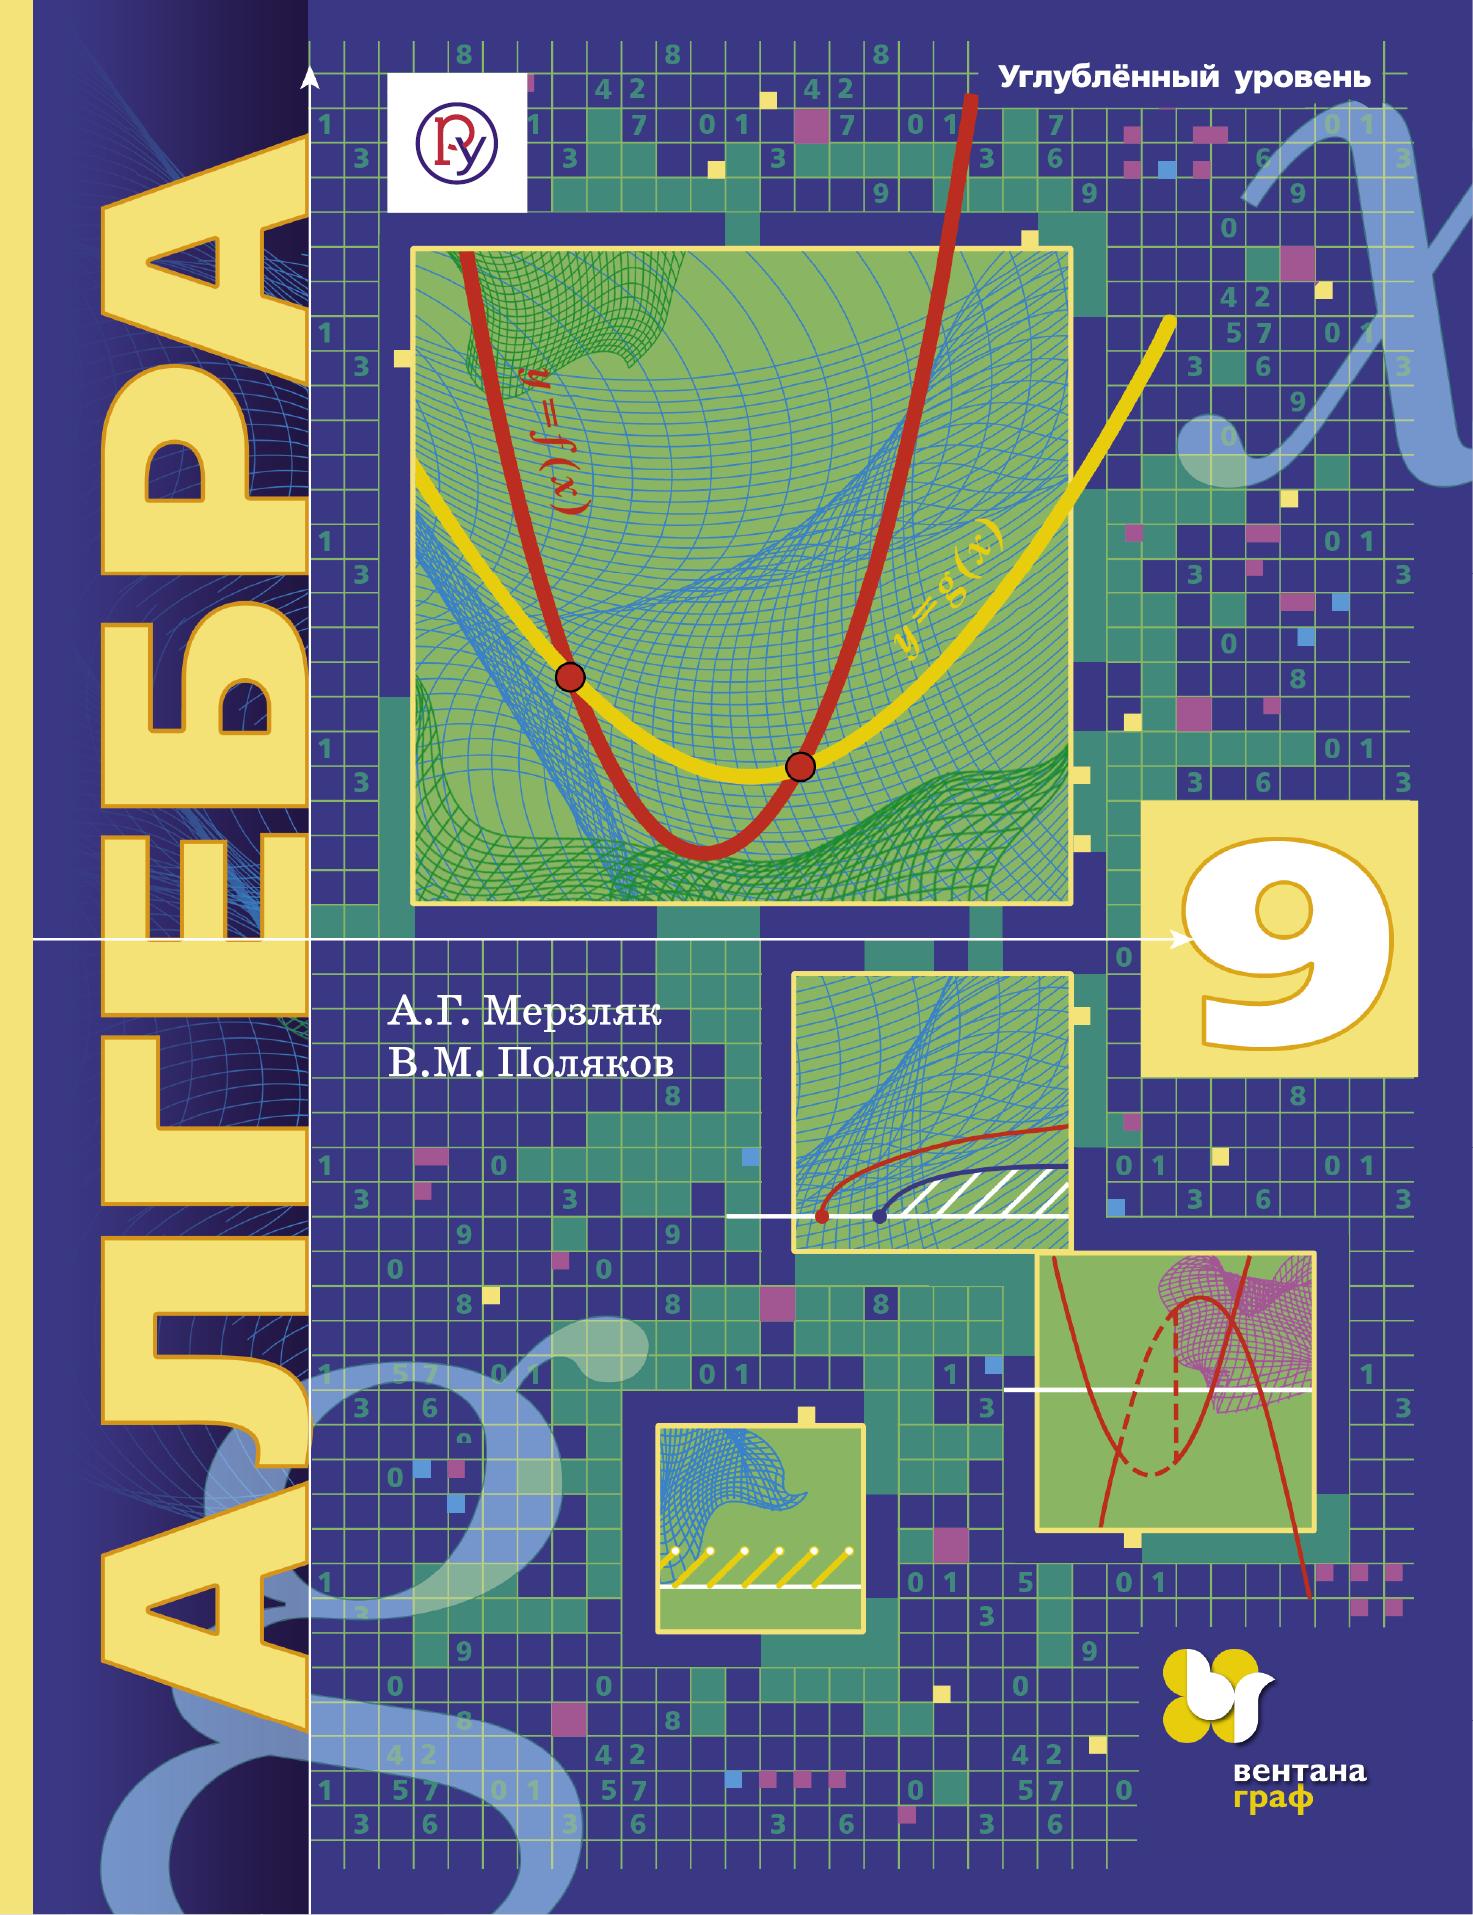 Мерзляк А.Г., Поляков В.М. Алгебра (углубленное изучение). 9 класс. Учебник.